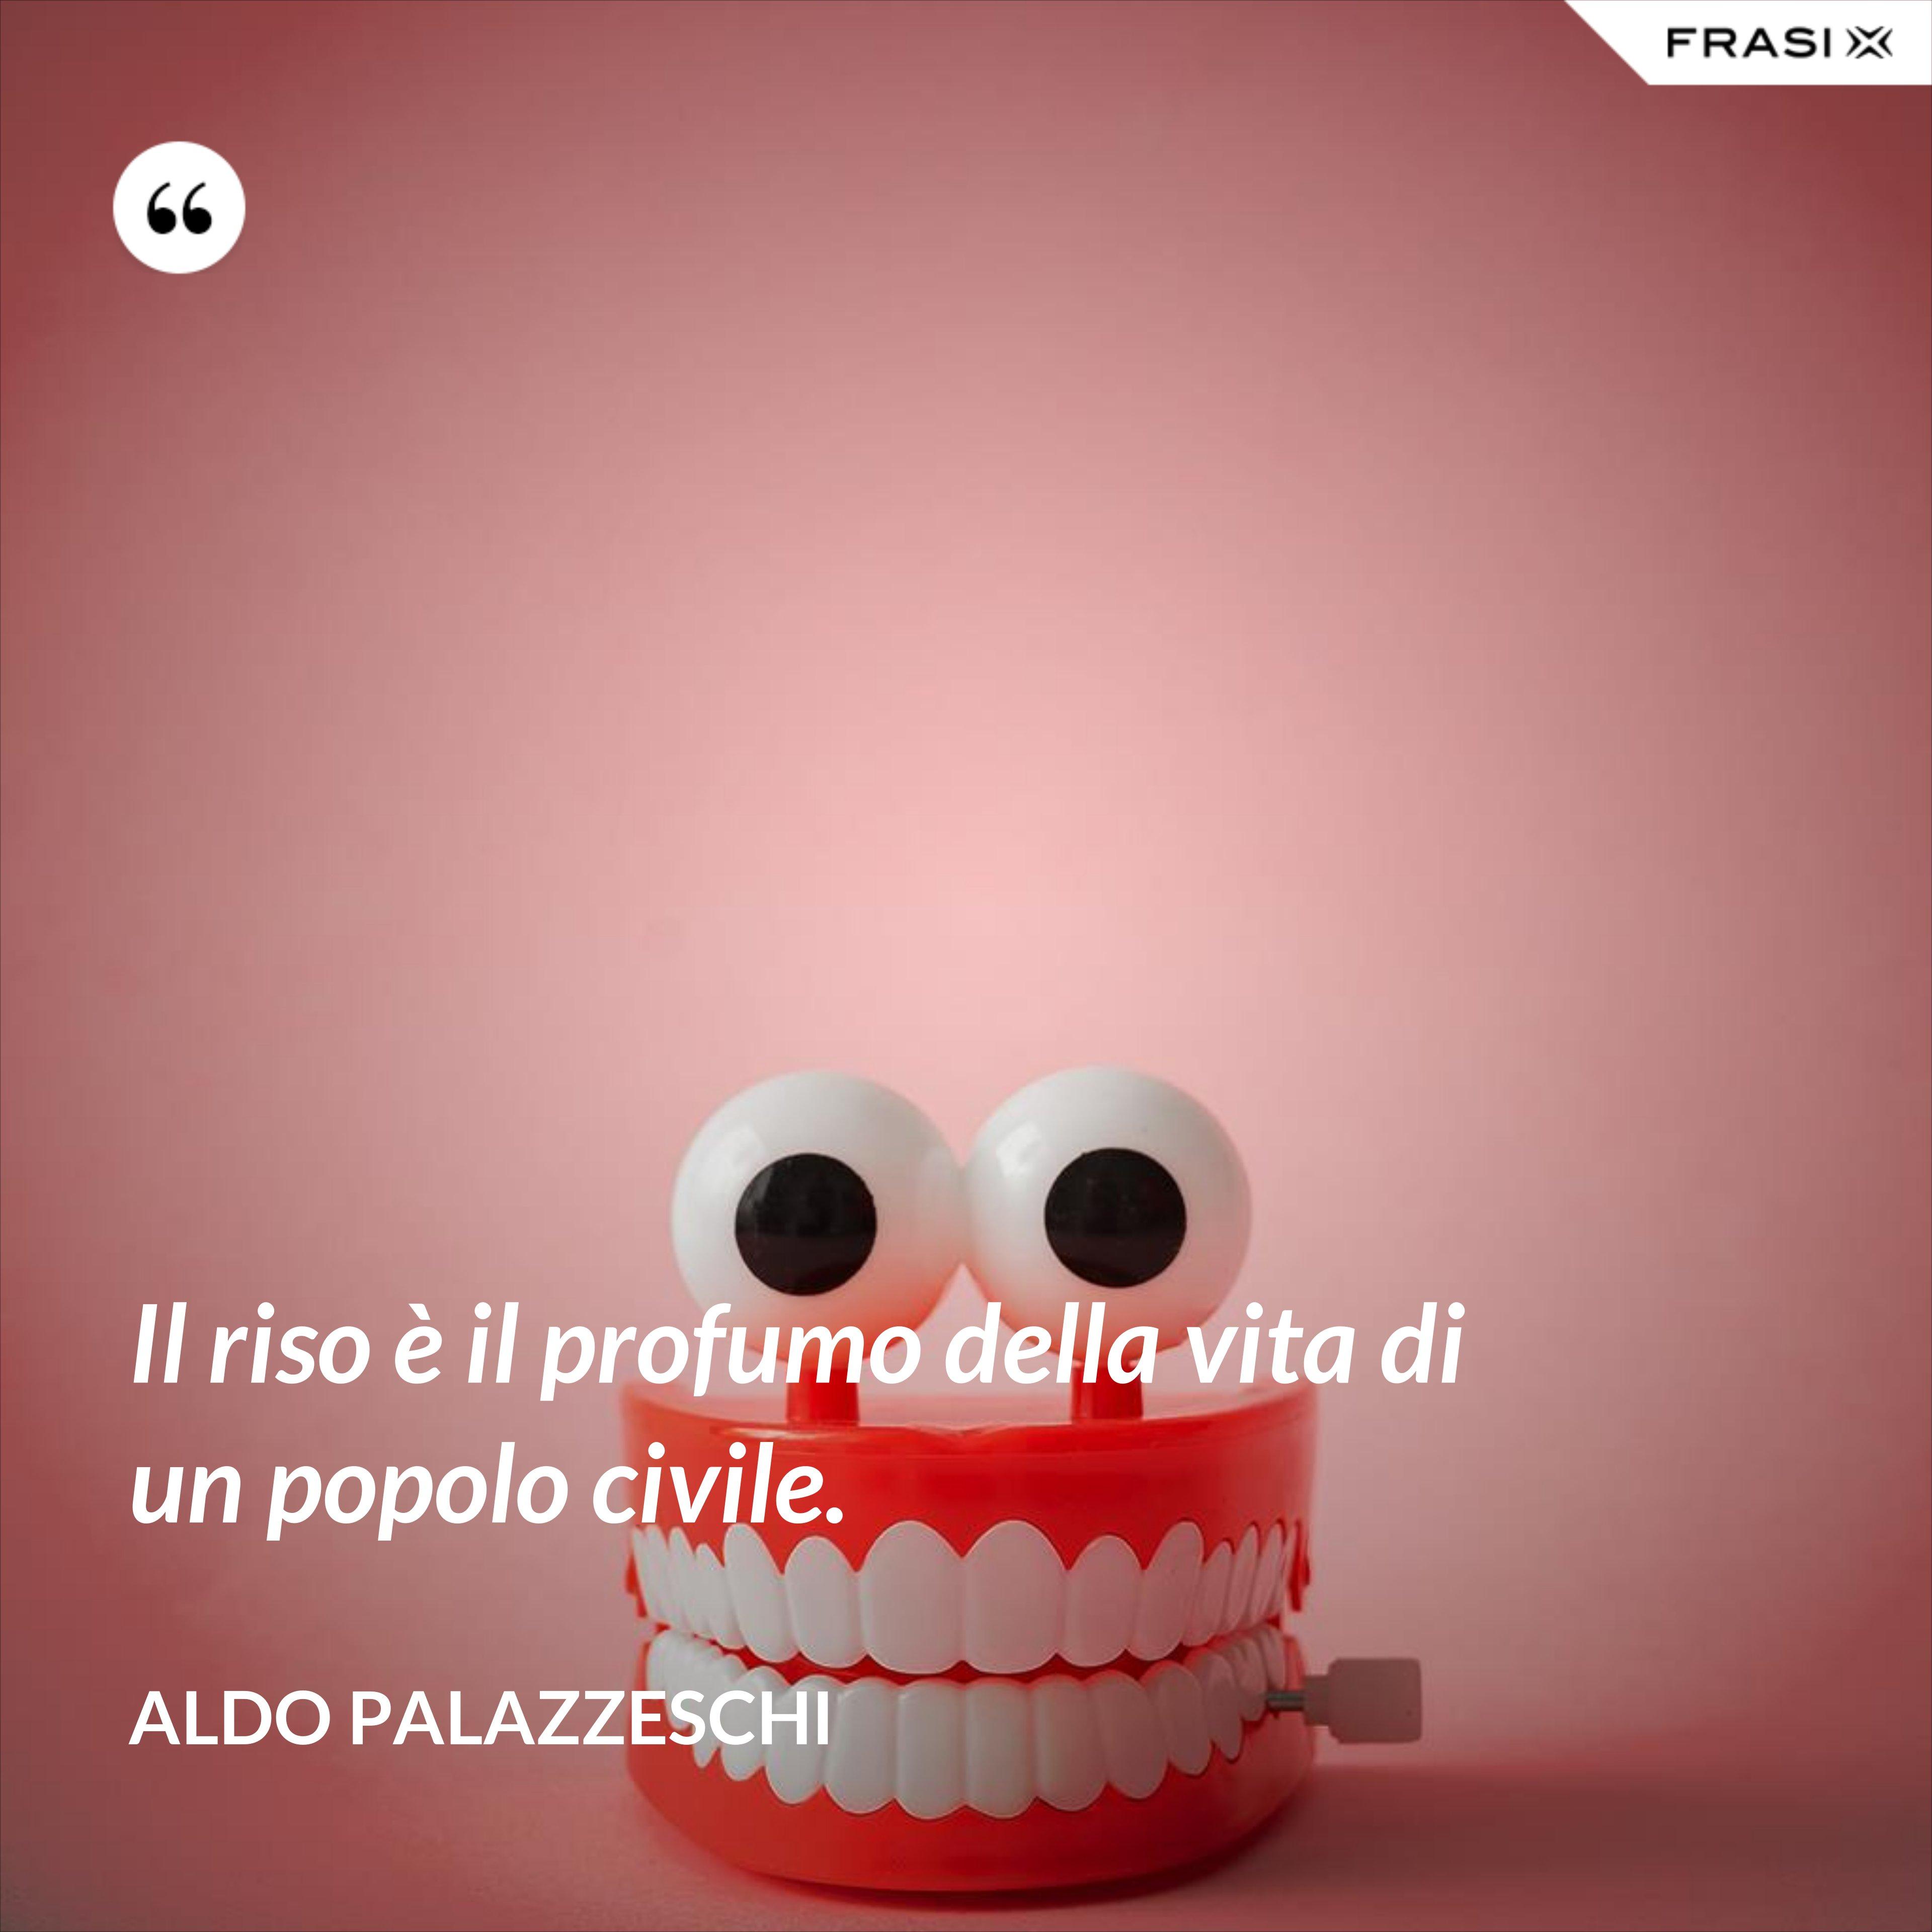 Il riso è il profumo della vita di un popolo civile. - Aldo Palazzeschi